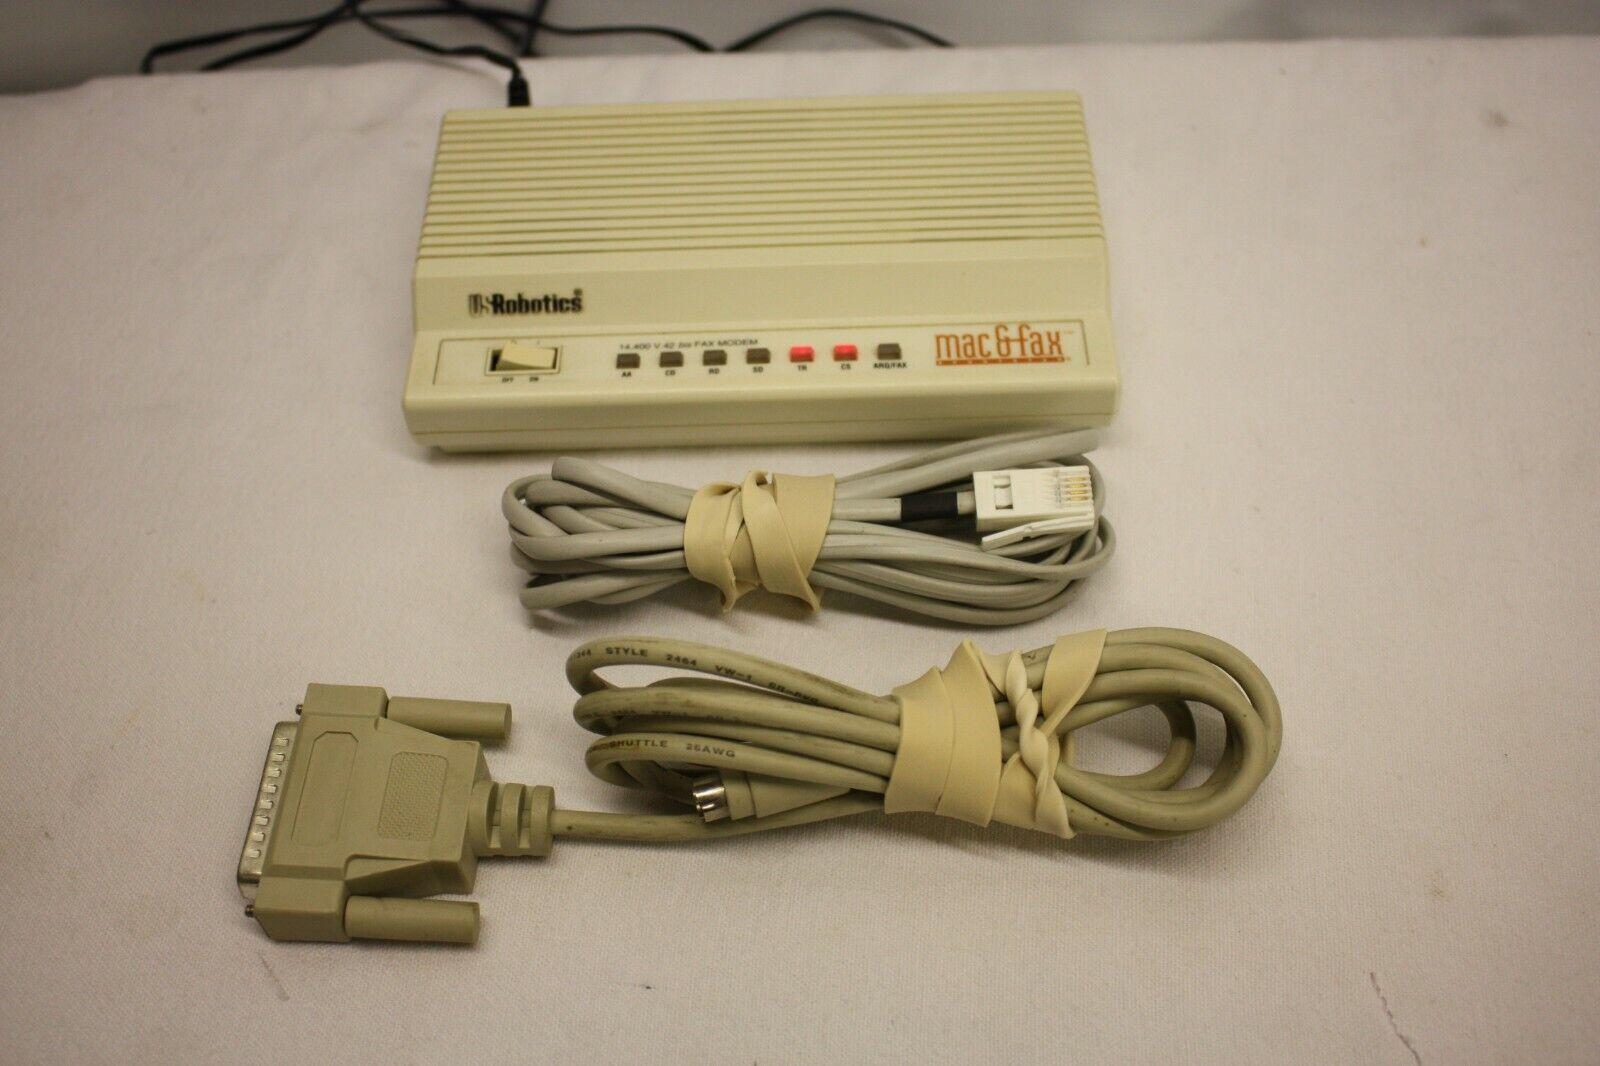 Image of US ROBOTICS FAX amp MODEM SPORTSTER 14 400 V 42 BIS MAC amp FAX SPORTSTER VERSION